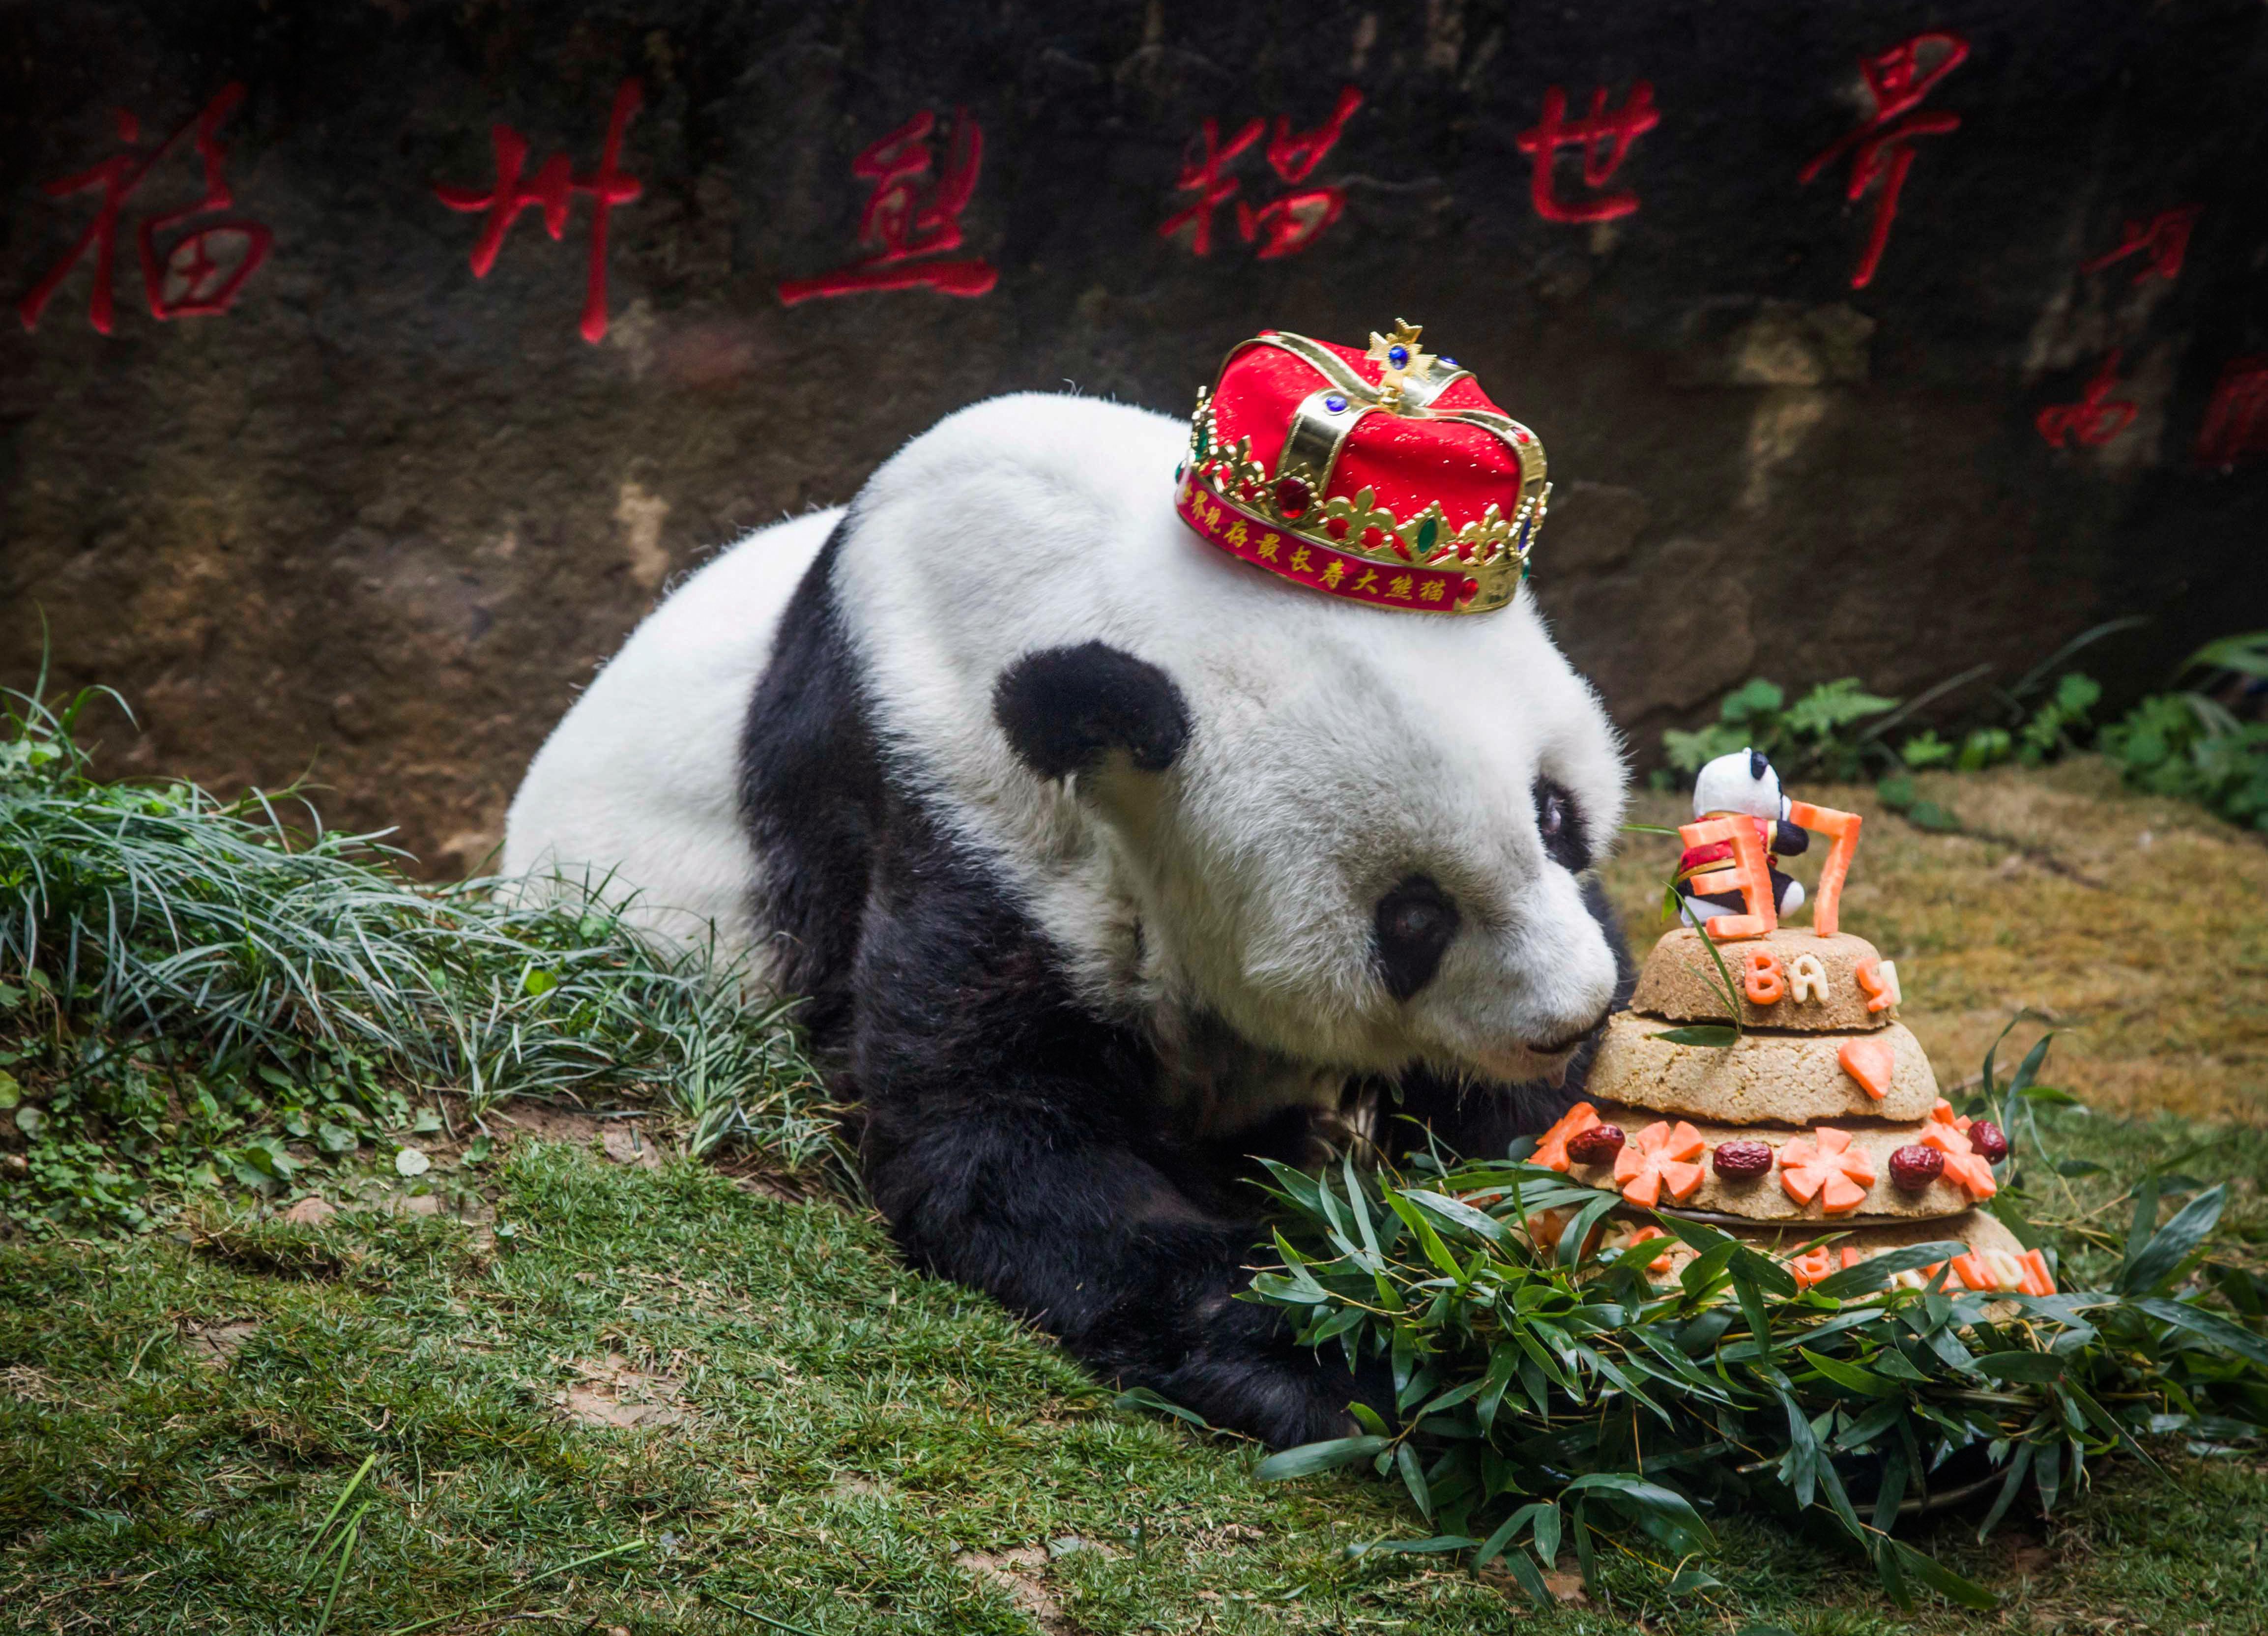 Último cumpleaños de Basi, en enero pasado | Agence France-Presse